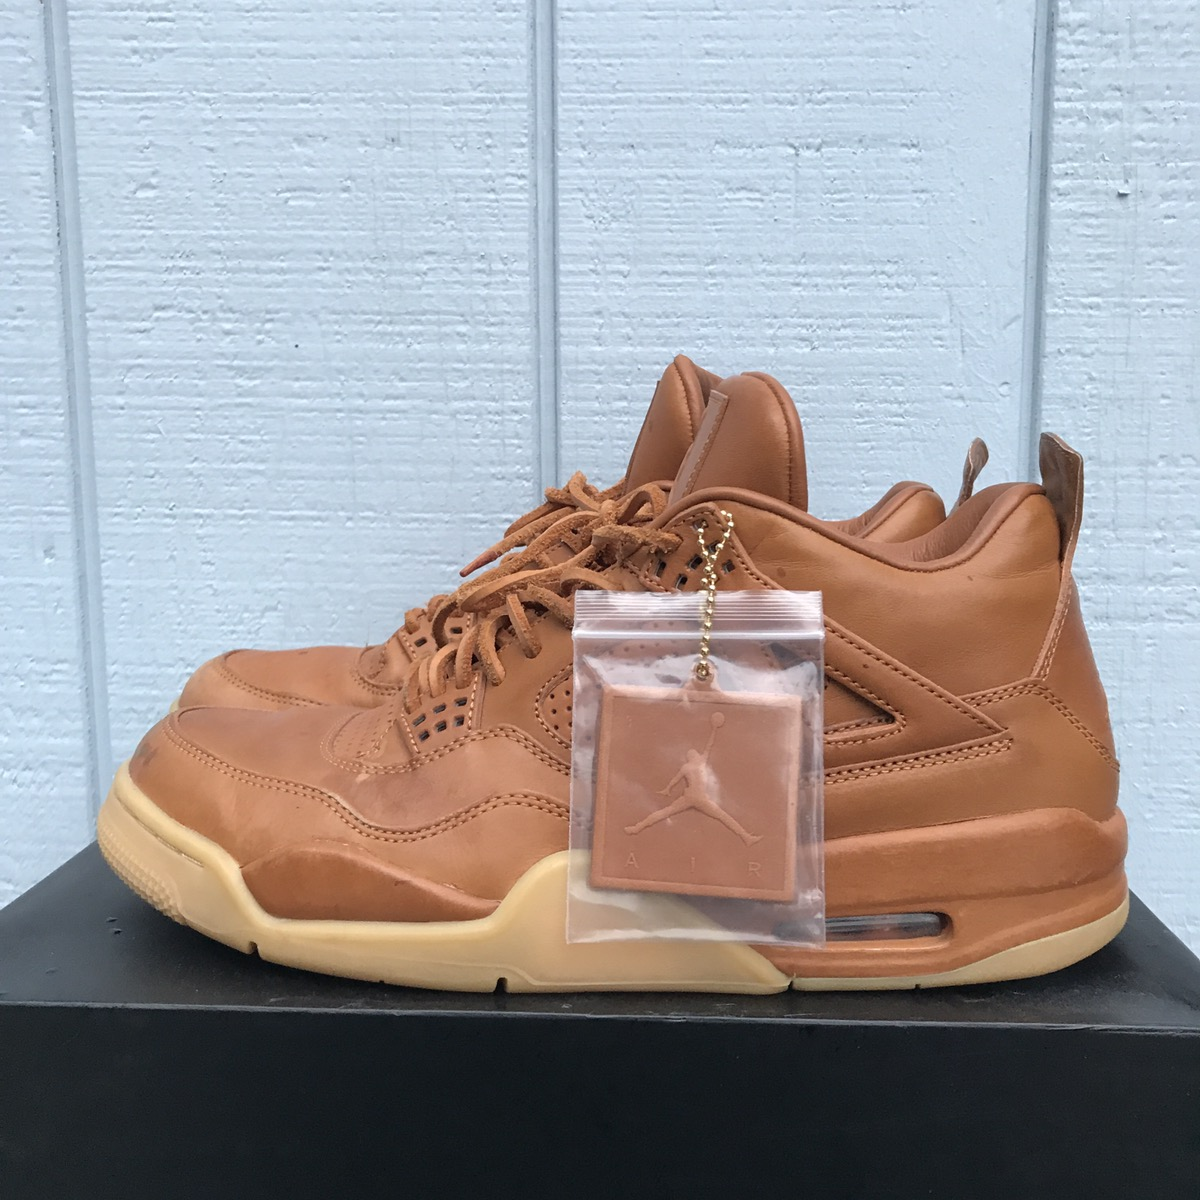 sports shoes 074de 41ccf Jordan Brand Nike Air Jordan 4 IV Retro Premium Wheat Ginger Gum Pinnacle  Size 11 - Low-Top Sneakers for Sale - Grailed